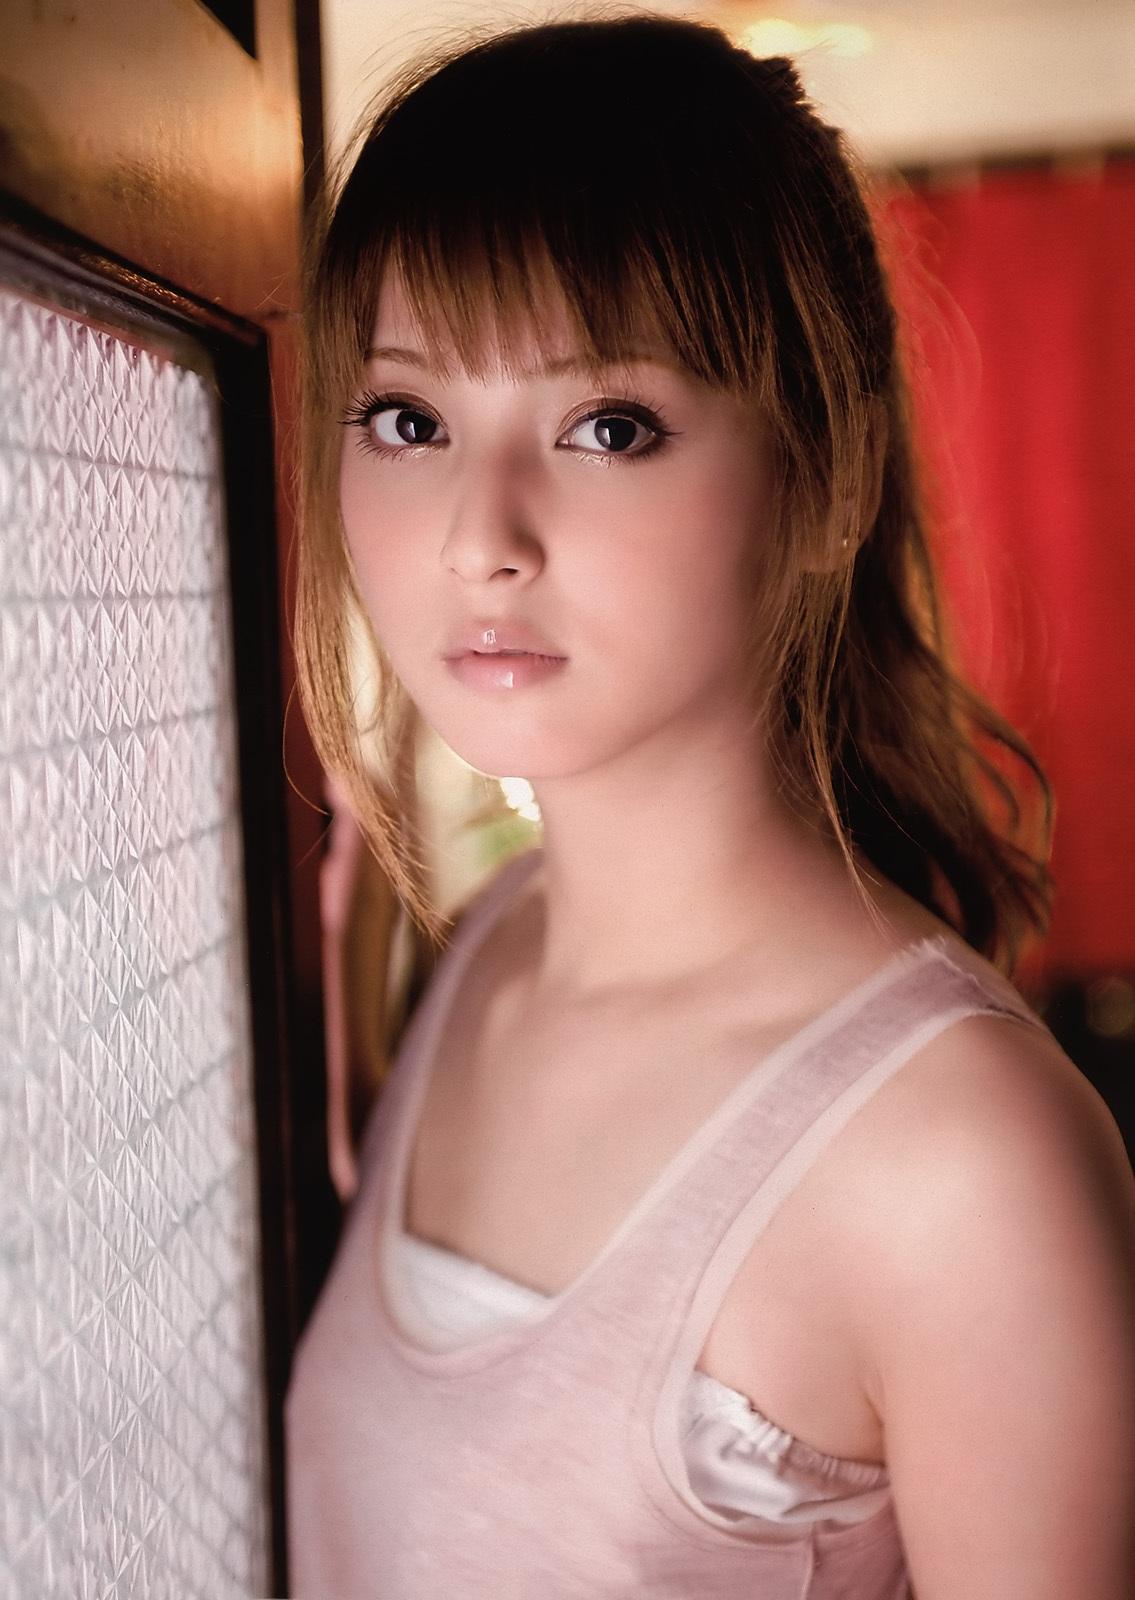 Nozomi Sasaki [WPB] No.29